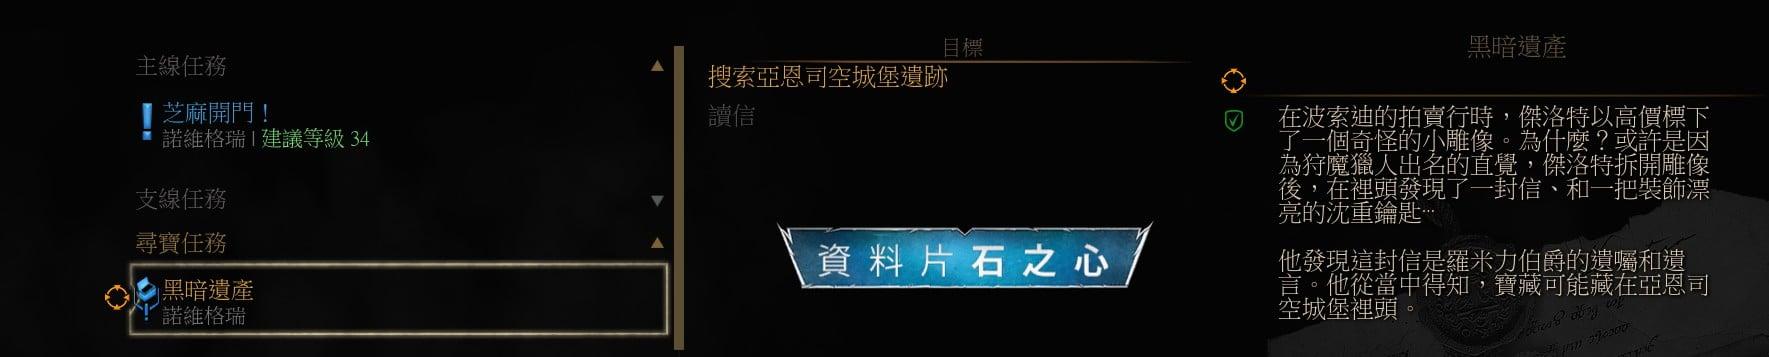 巫師3 石之心DLC黑暗遺產怎麼觸發 黑暗遺產觸發方法